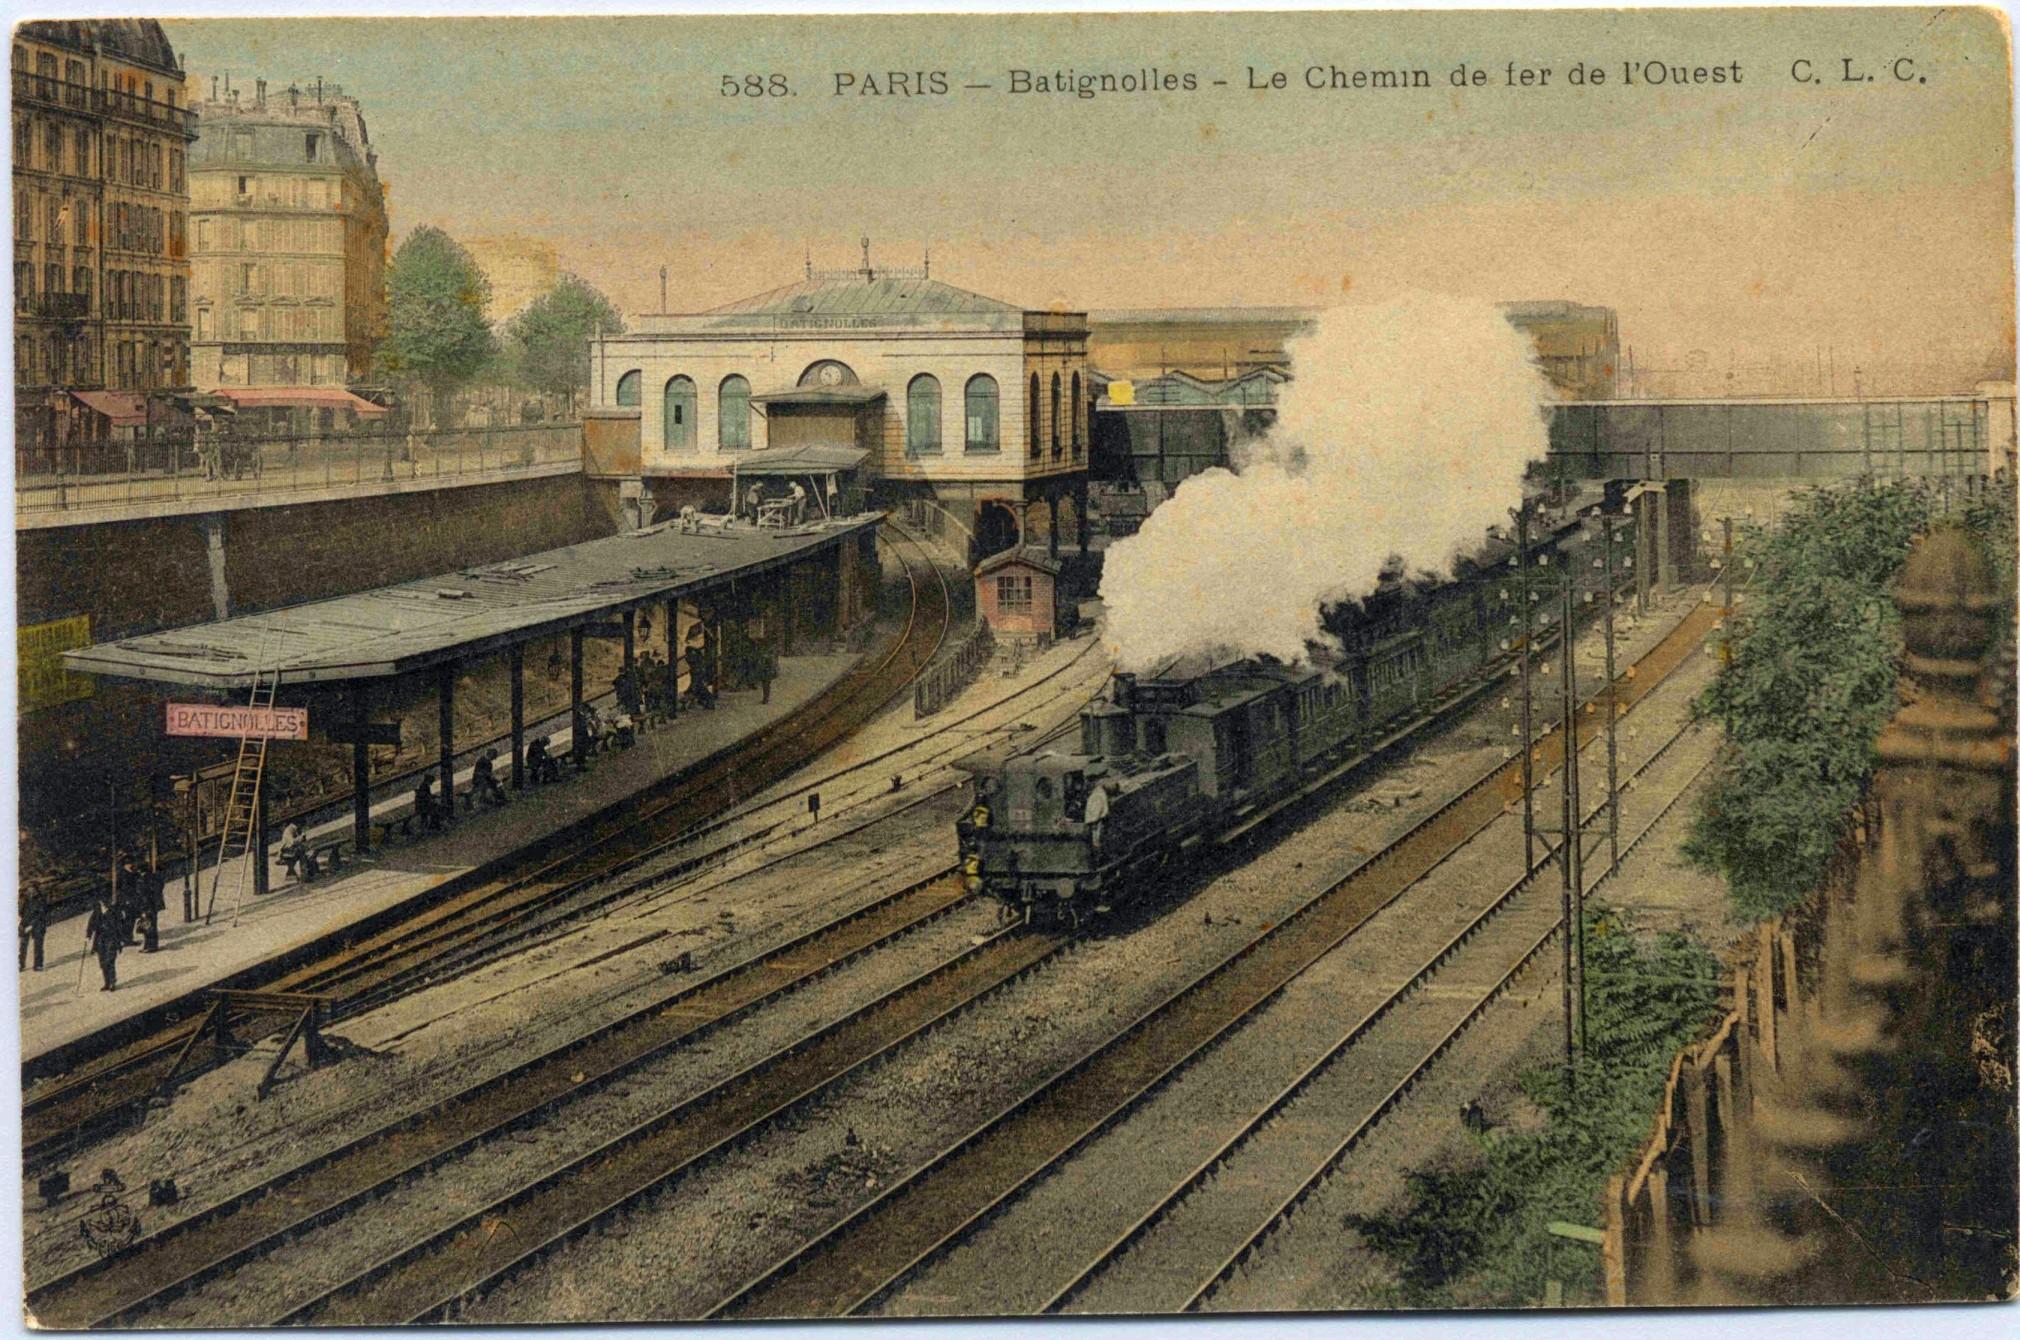 1906-00-588-Paris-Batignolles-Le_Chemin_de_fer_de_l_Ouest-14